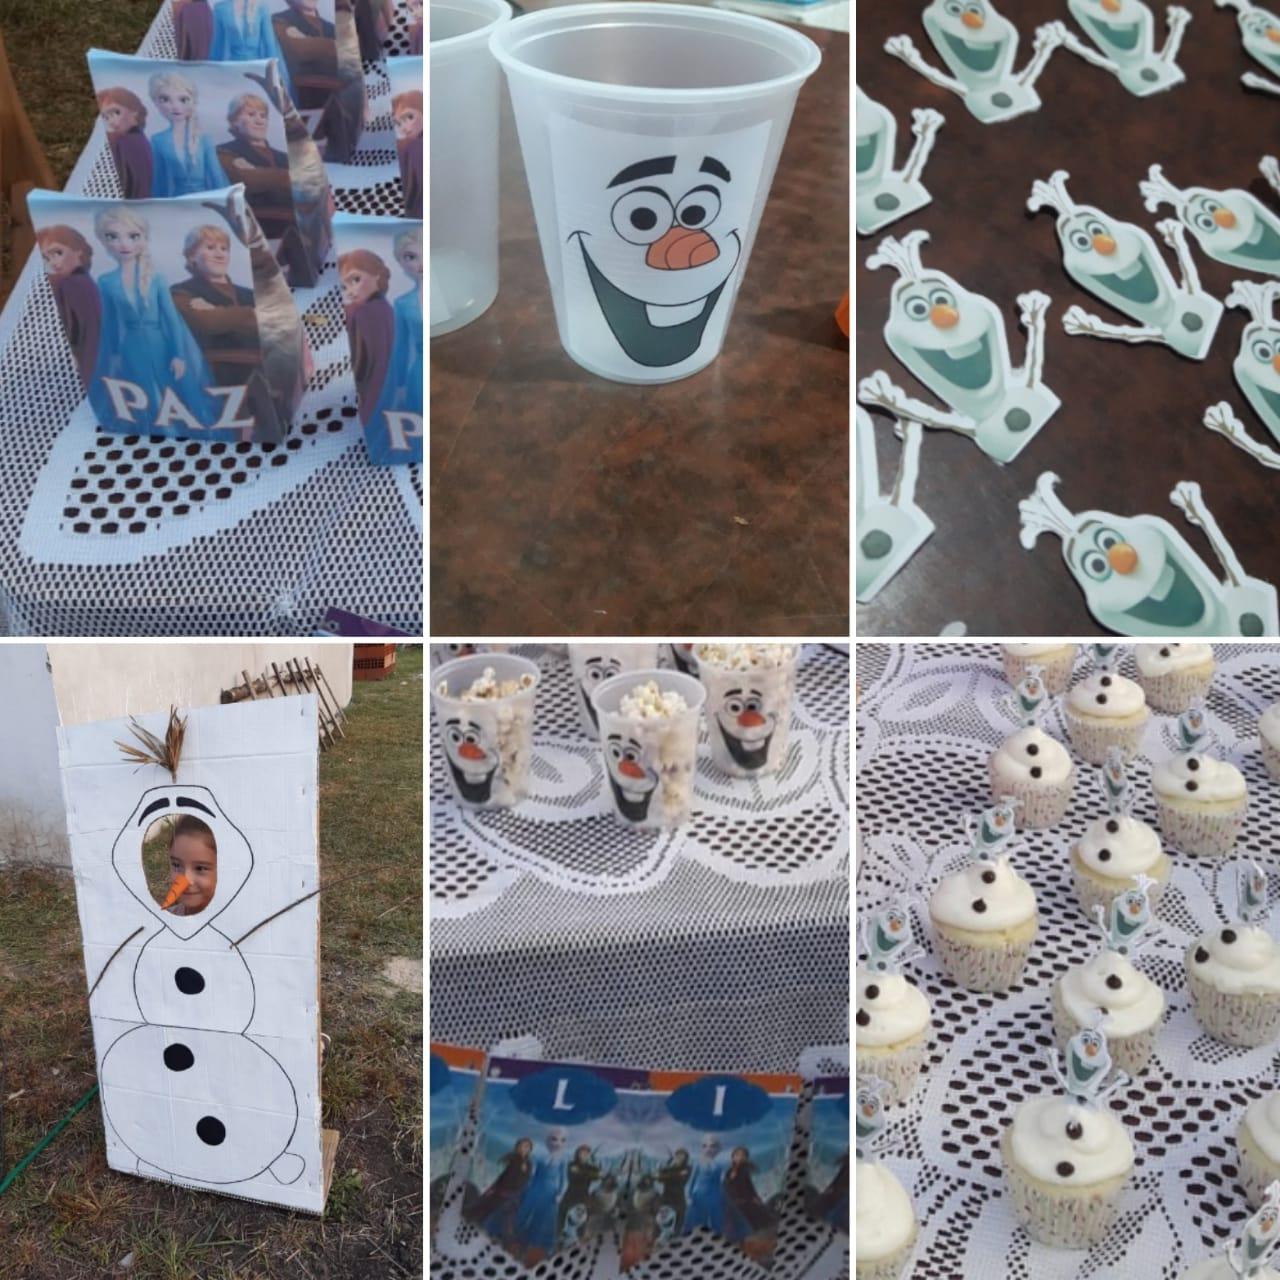 Todo personalizado para tu fiestita de cumpleaños, banderín, bolsita para cumpleaños, stickers